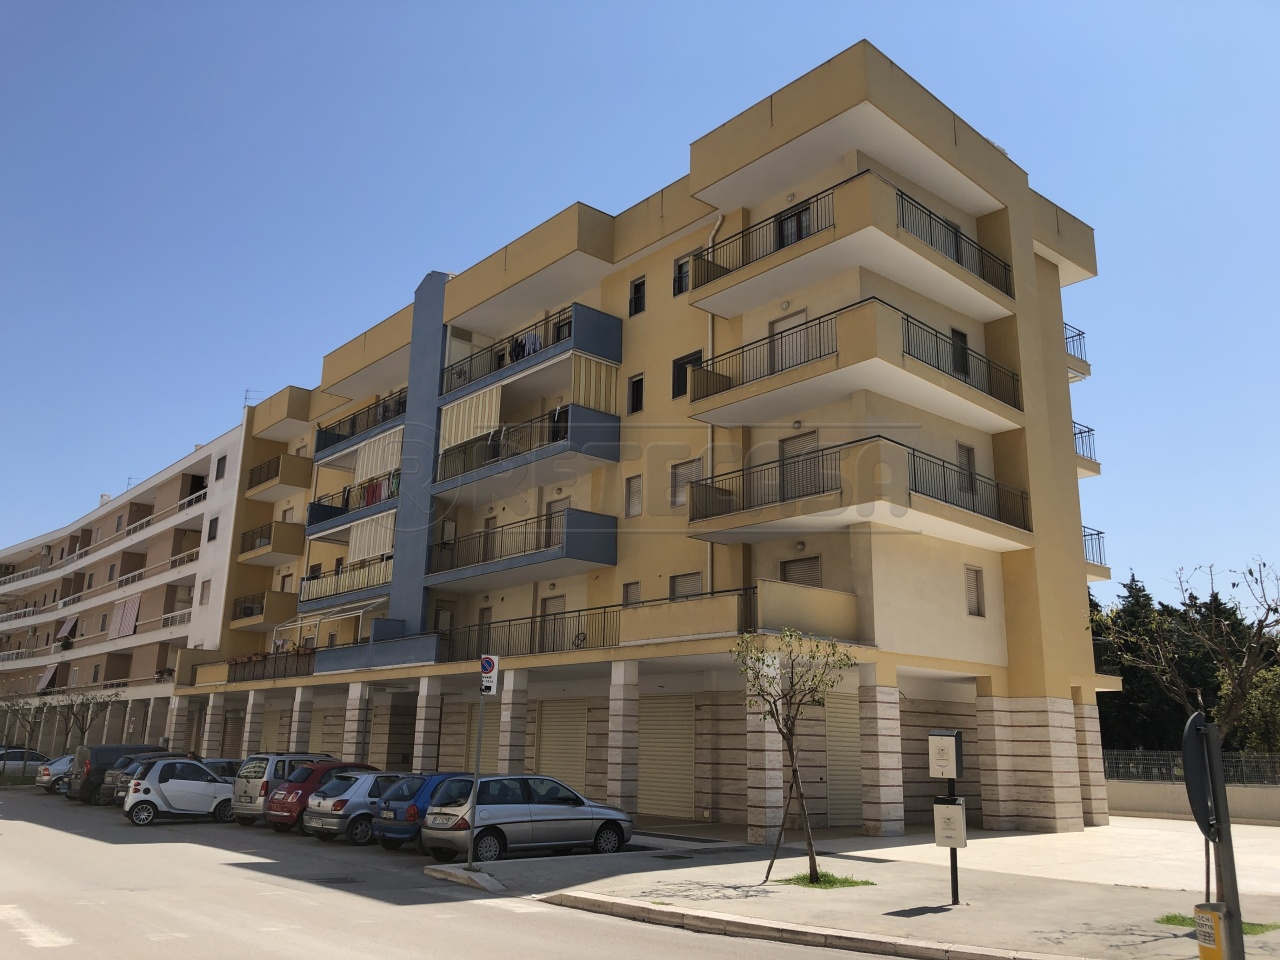 Magazzino in vendita a Bisceglie, 1 locali, prezzo € 120.000 | CambioCasa.it